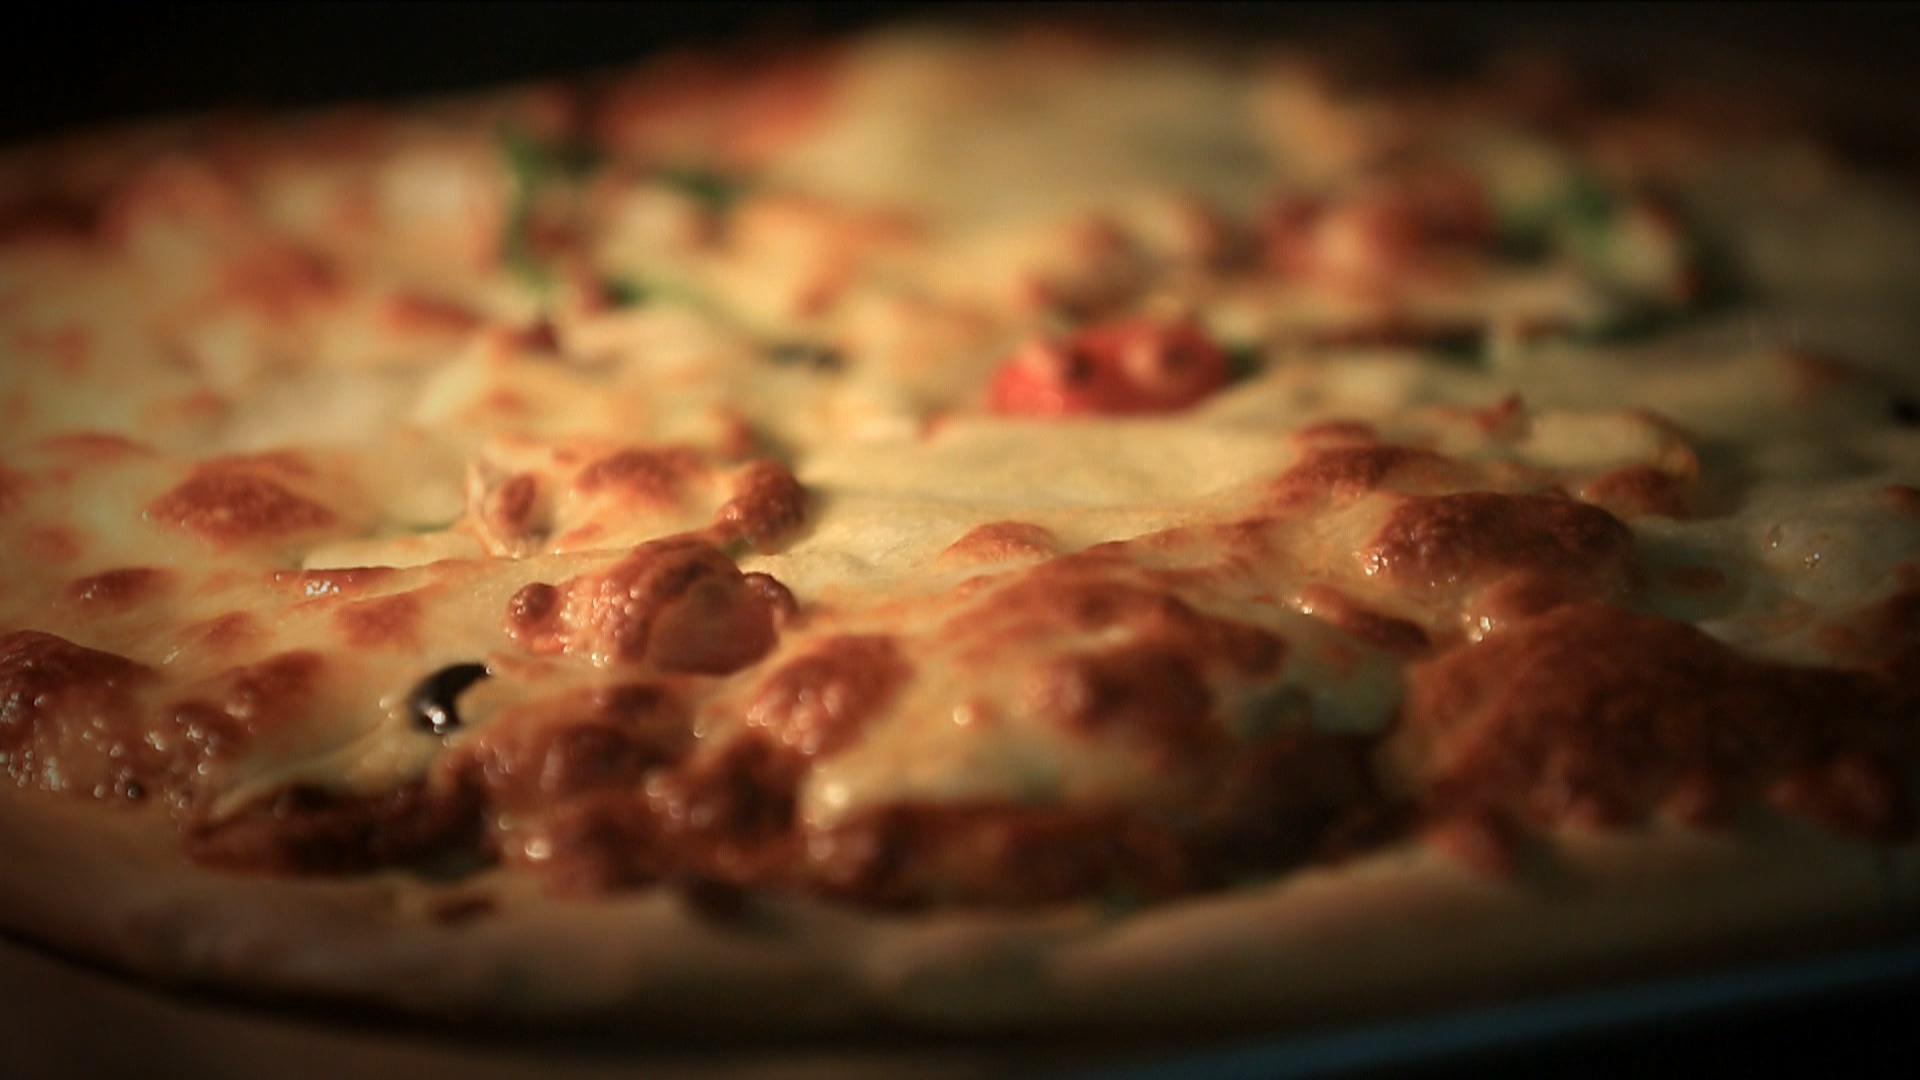 우리 각자의 진실 피자 가게 습격 사건